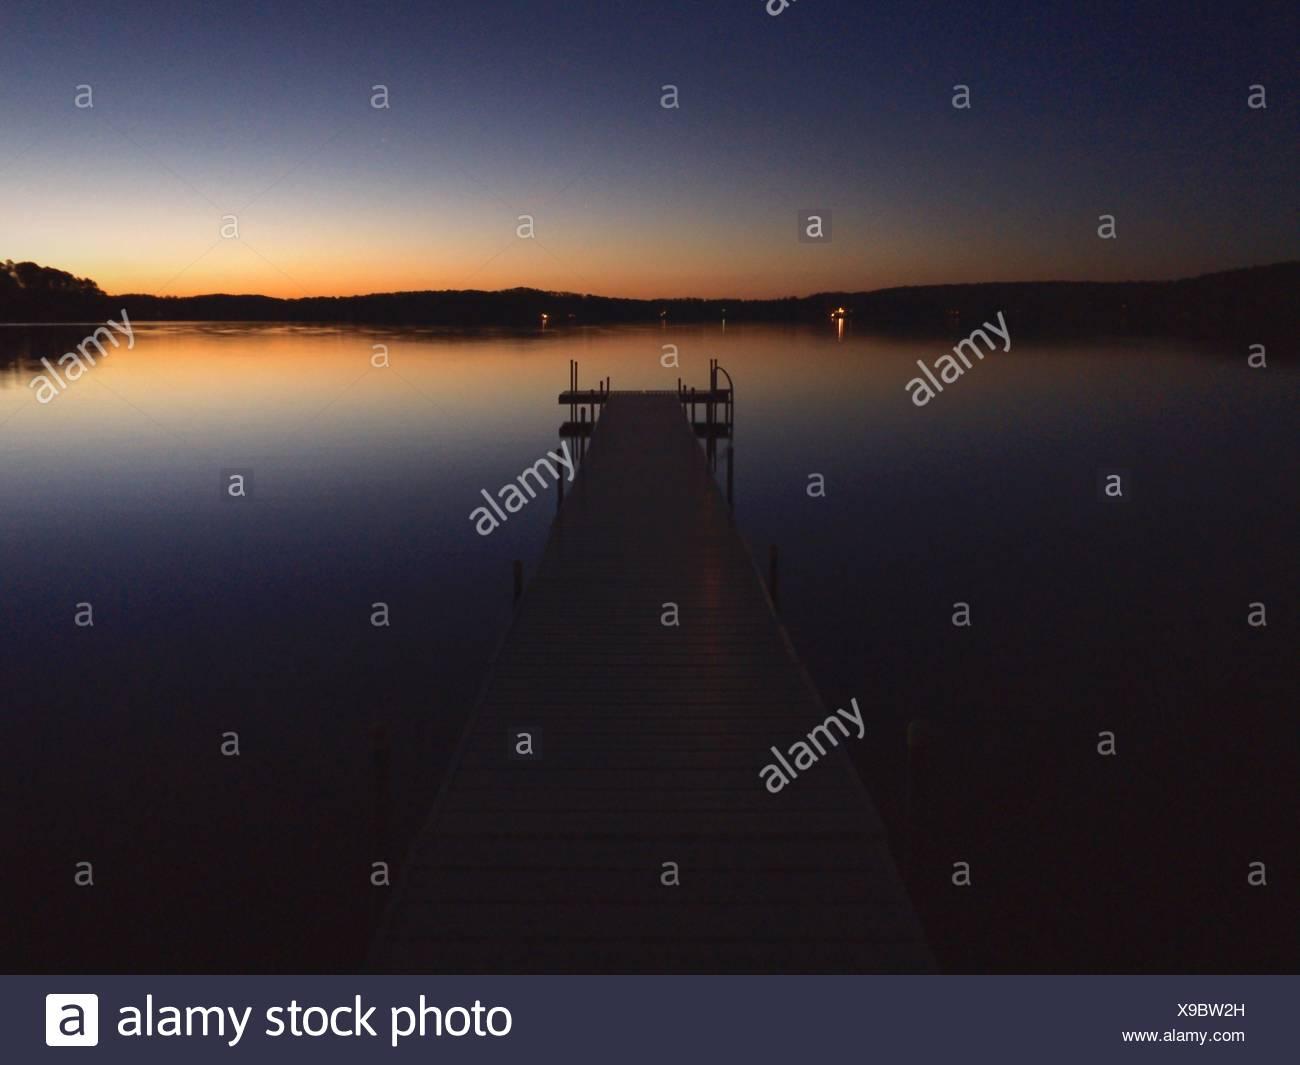 Lac au milieu de la jetée contre un ciel clair au crépuscule Photo Stock